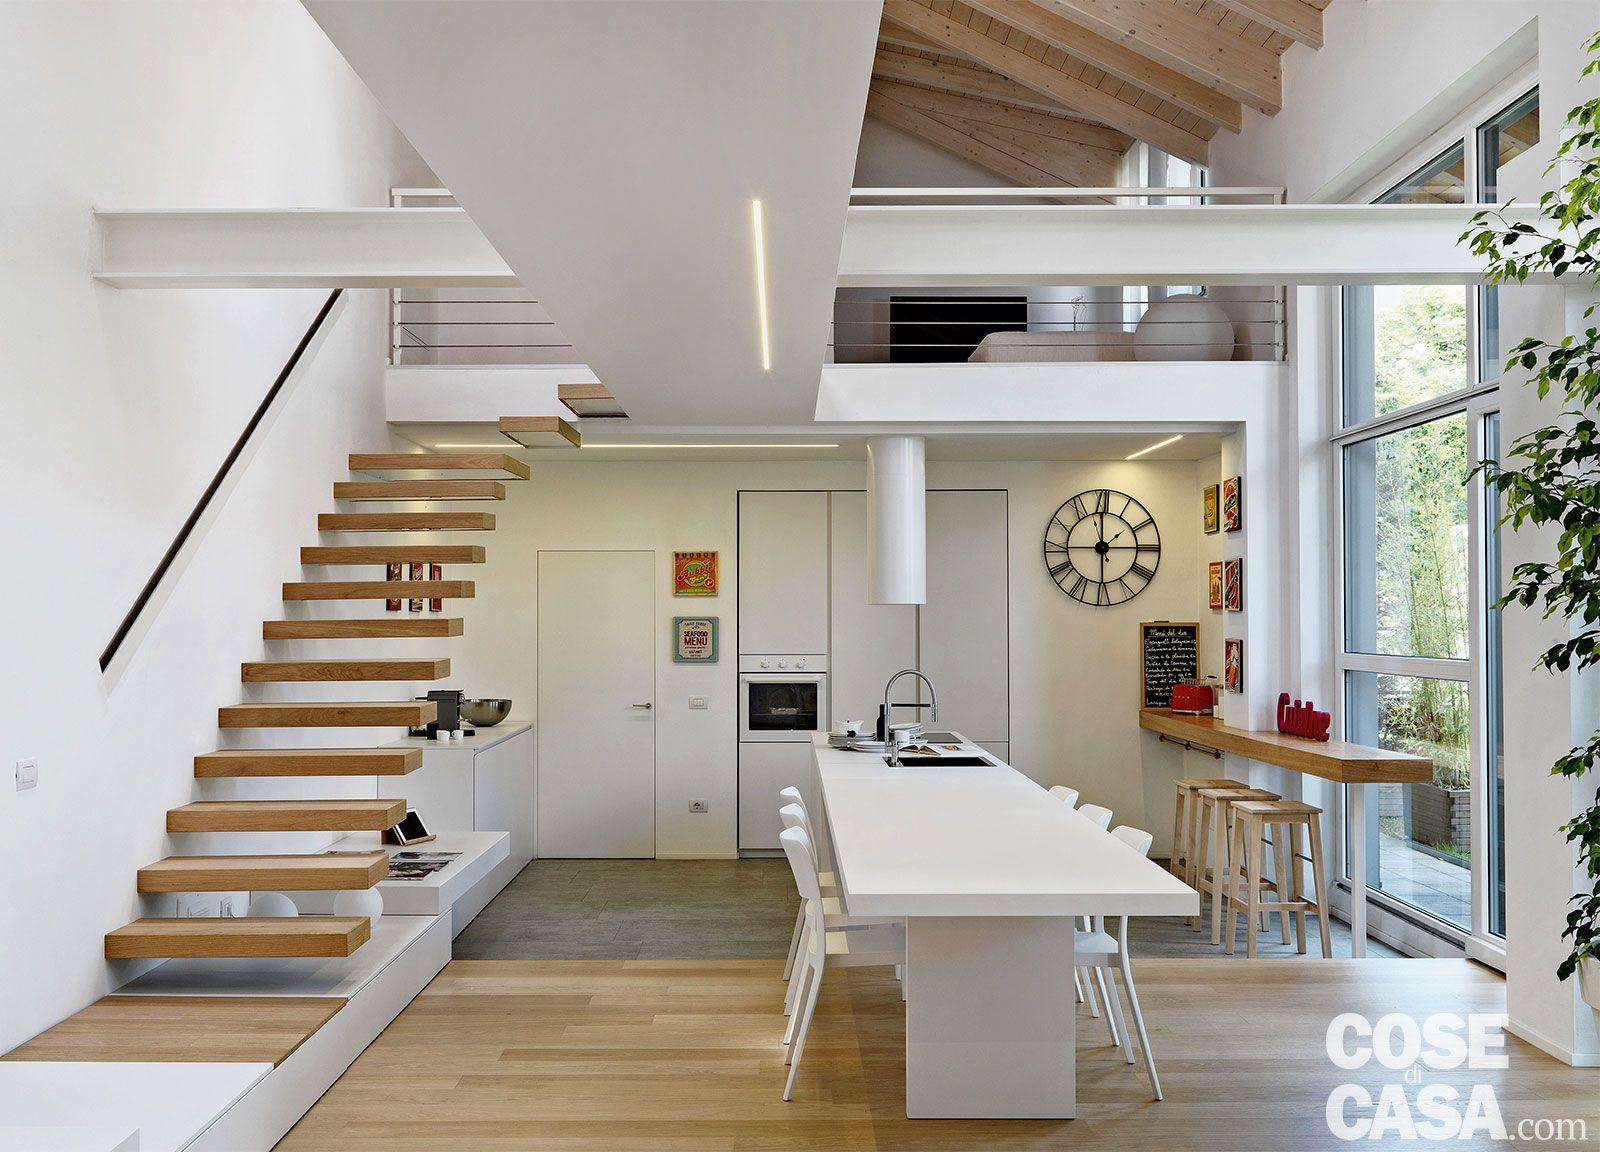 Loft una casa sottotetto a doppia altezza Arredamento